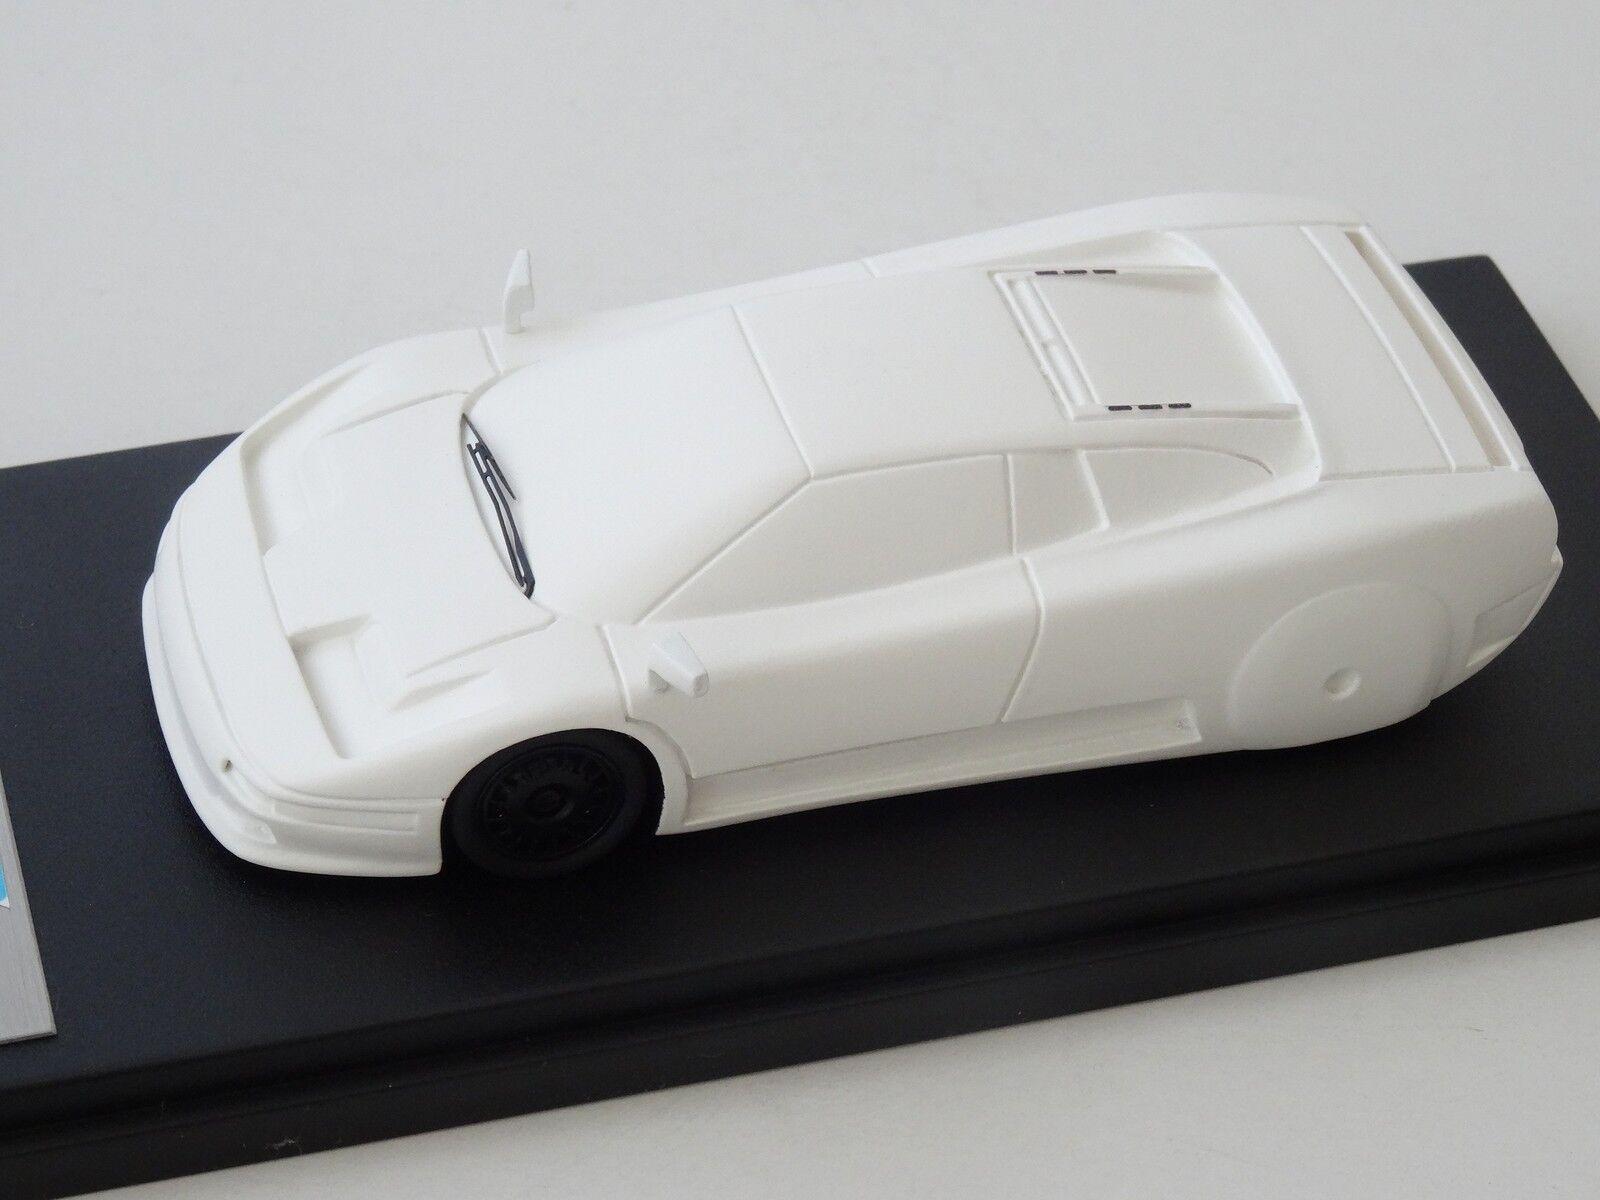 Alezan modelle.1   43.bugatti eb 110.1er nase version.windkanal